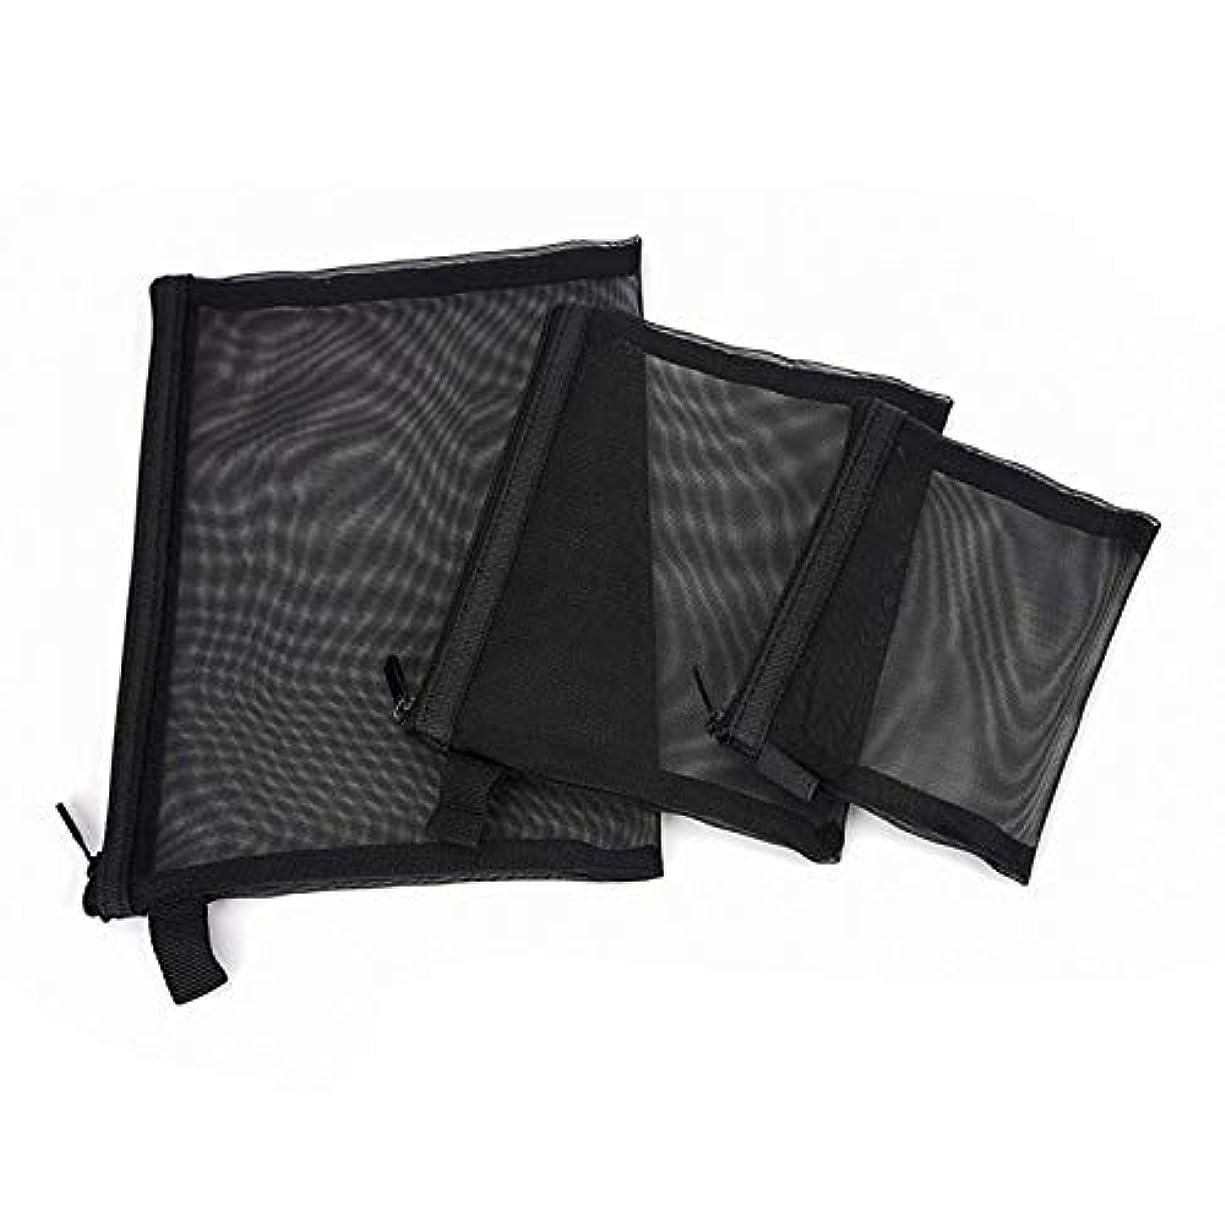 再生的起点皿RETYLY トラベルトイレタリーキットセット収納ポーチビューティーメイクアップコスメアクセサリーオーガナイザー3個組(S/M/L)ブラック